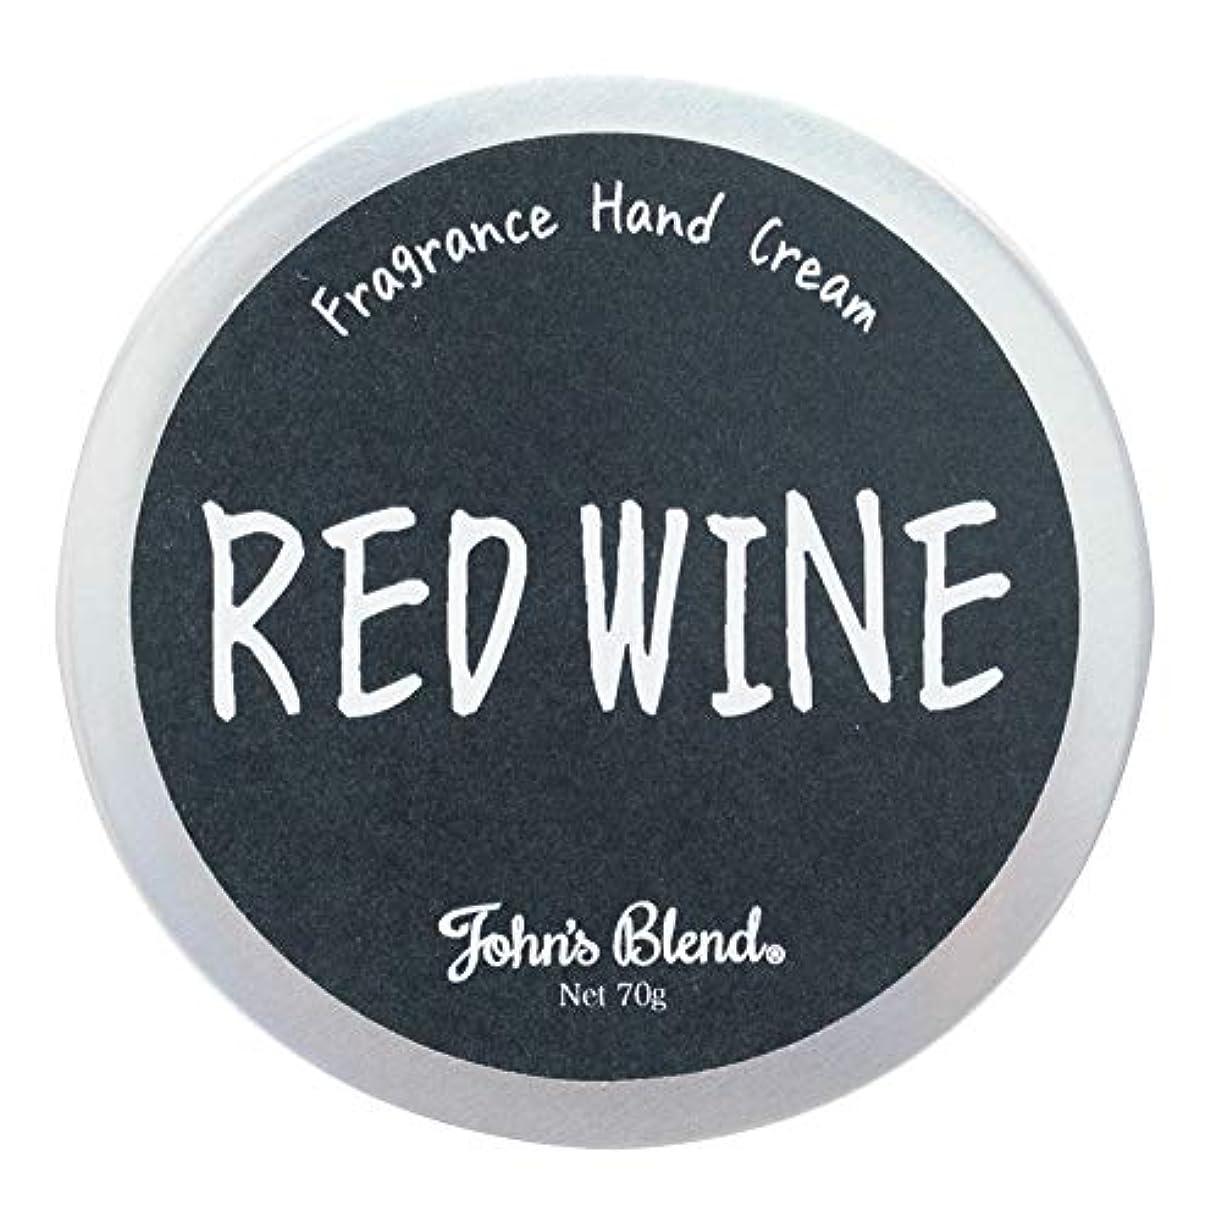 ハード作者角度ノルコーポレーション John's Blend ハンドクリーム 保湿成分配合 OZ-JOD-1-3 レッドワインの香り 70g